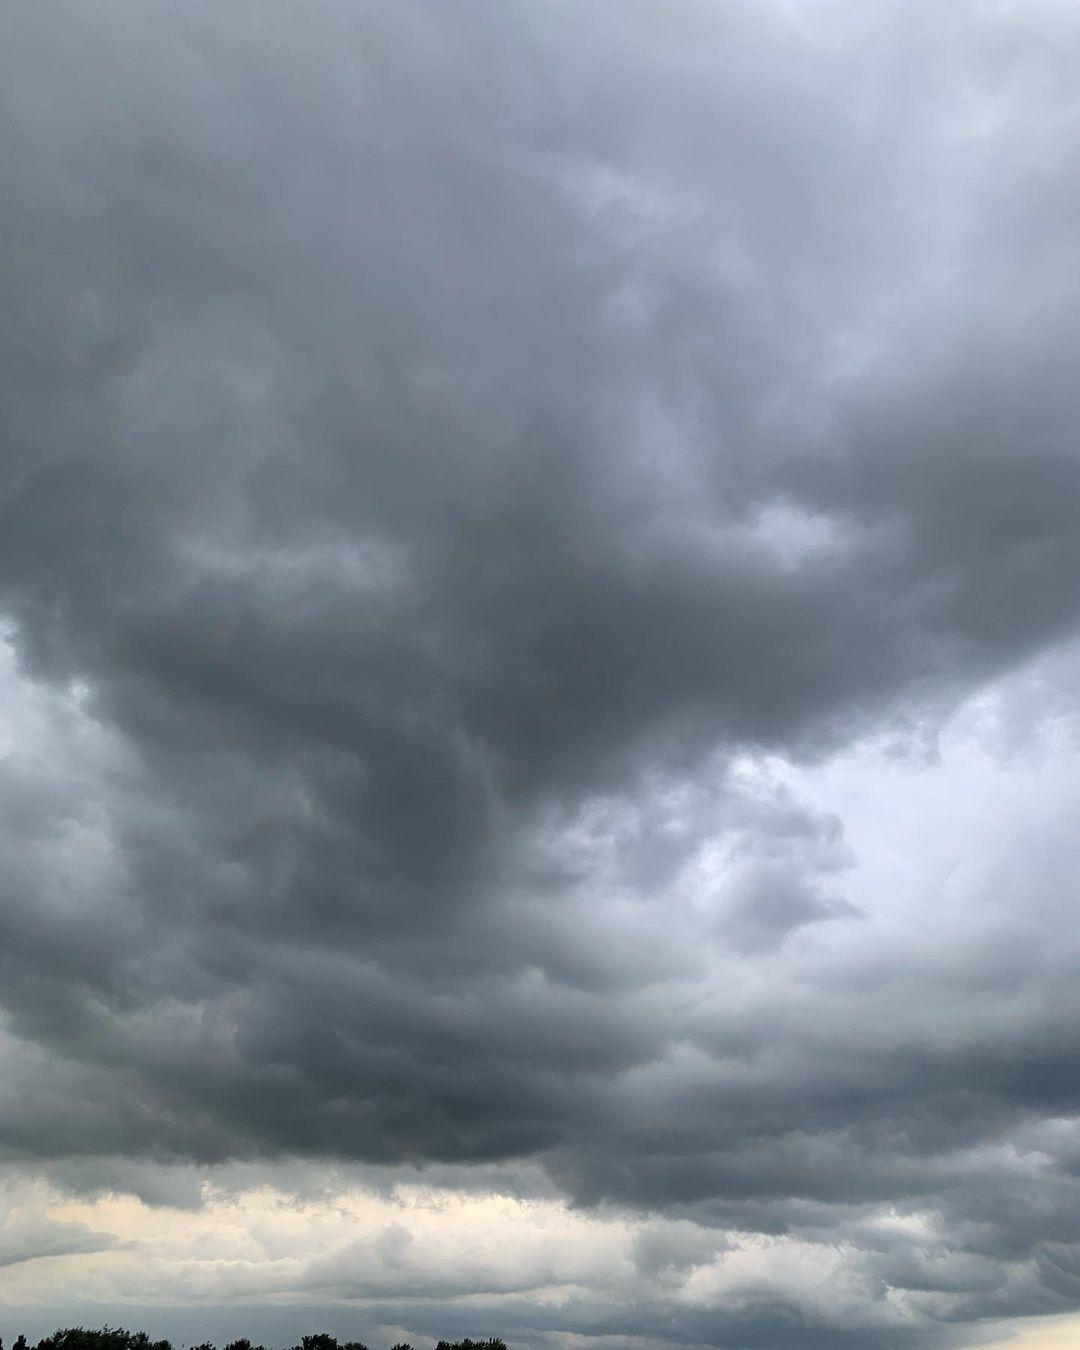 13 июня одесситы поделились снимками штормового неба. Фото: Svetlana Zagorulko